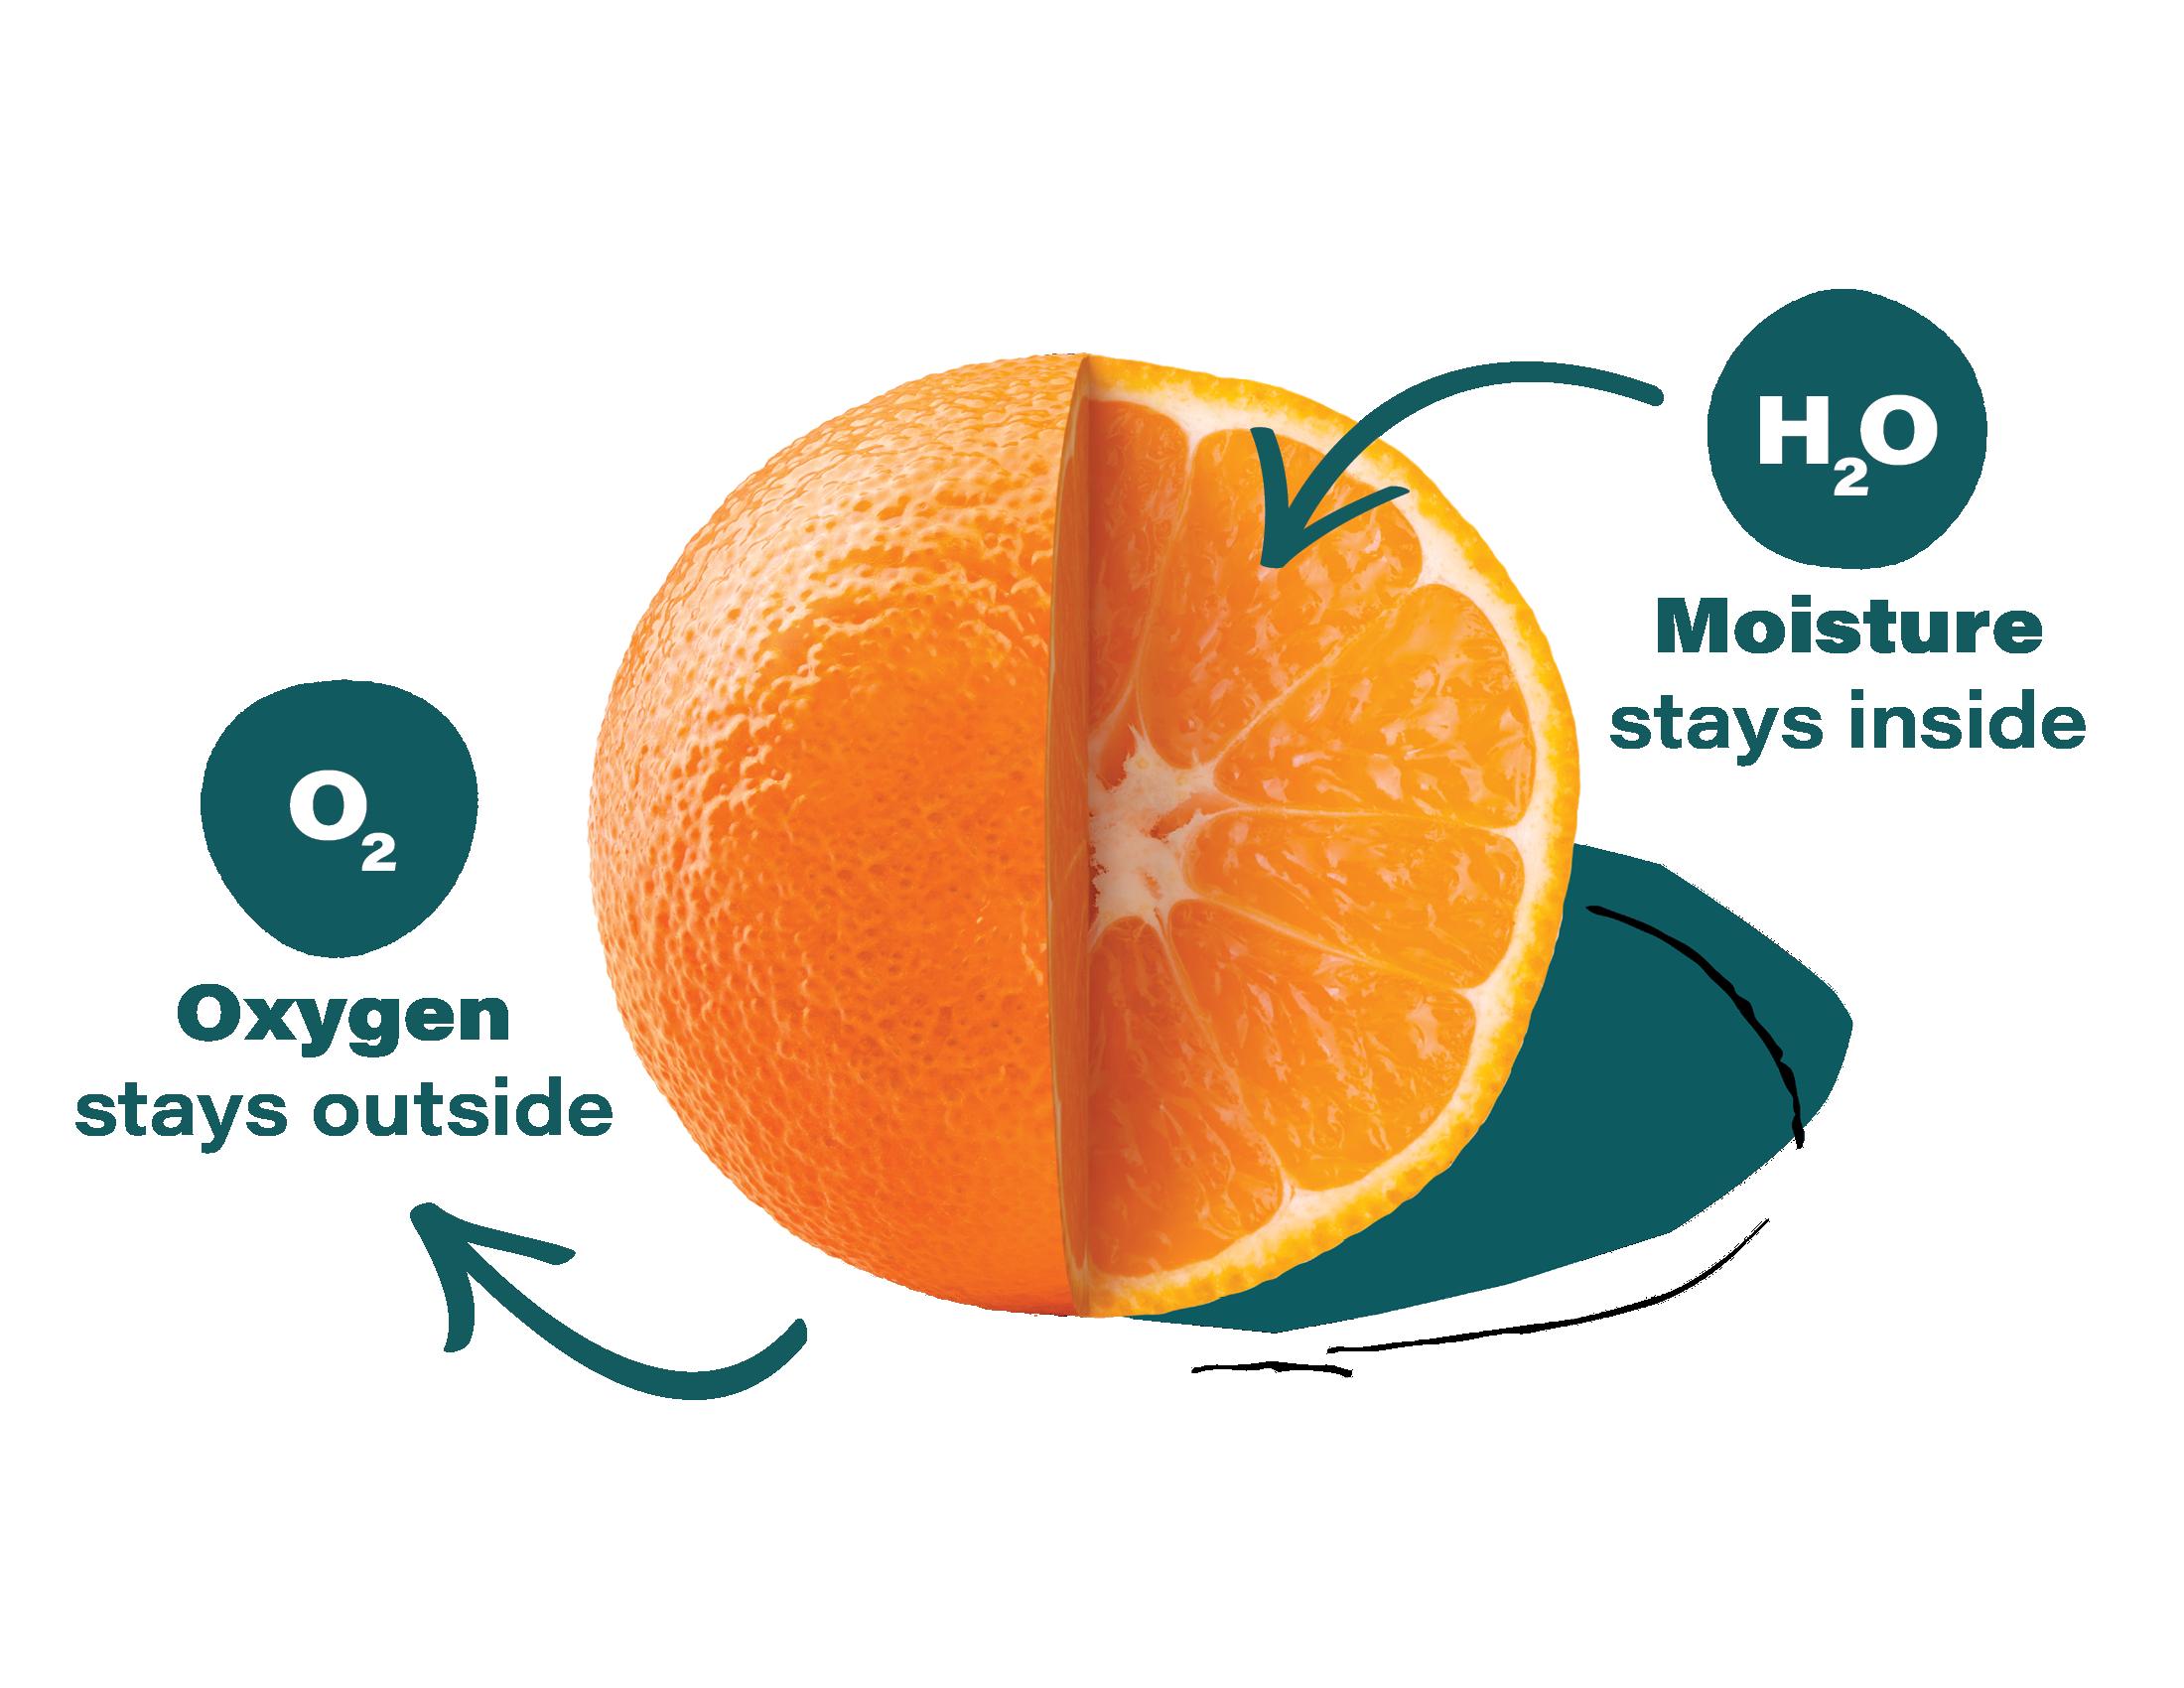 Apeel-Mandarin-Produce-Diagrams-2020-FINAL